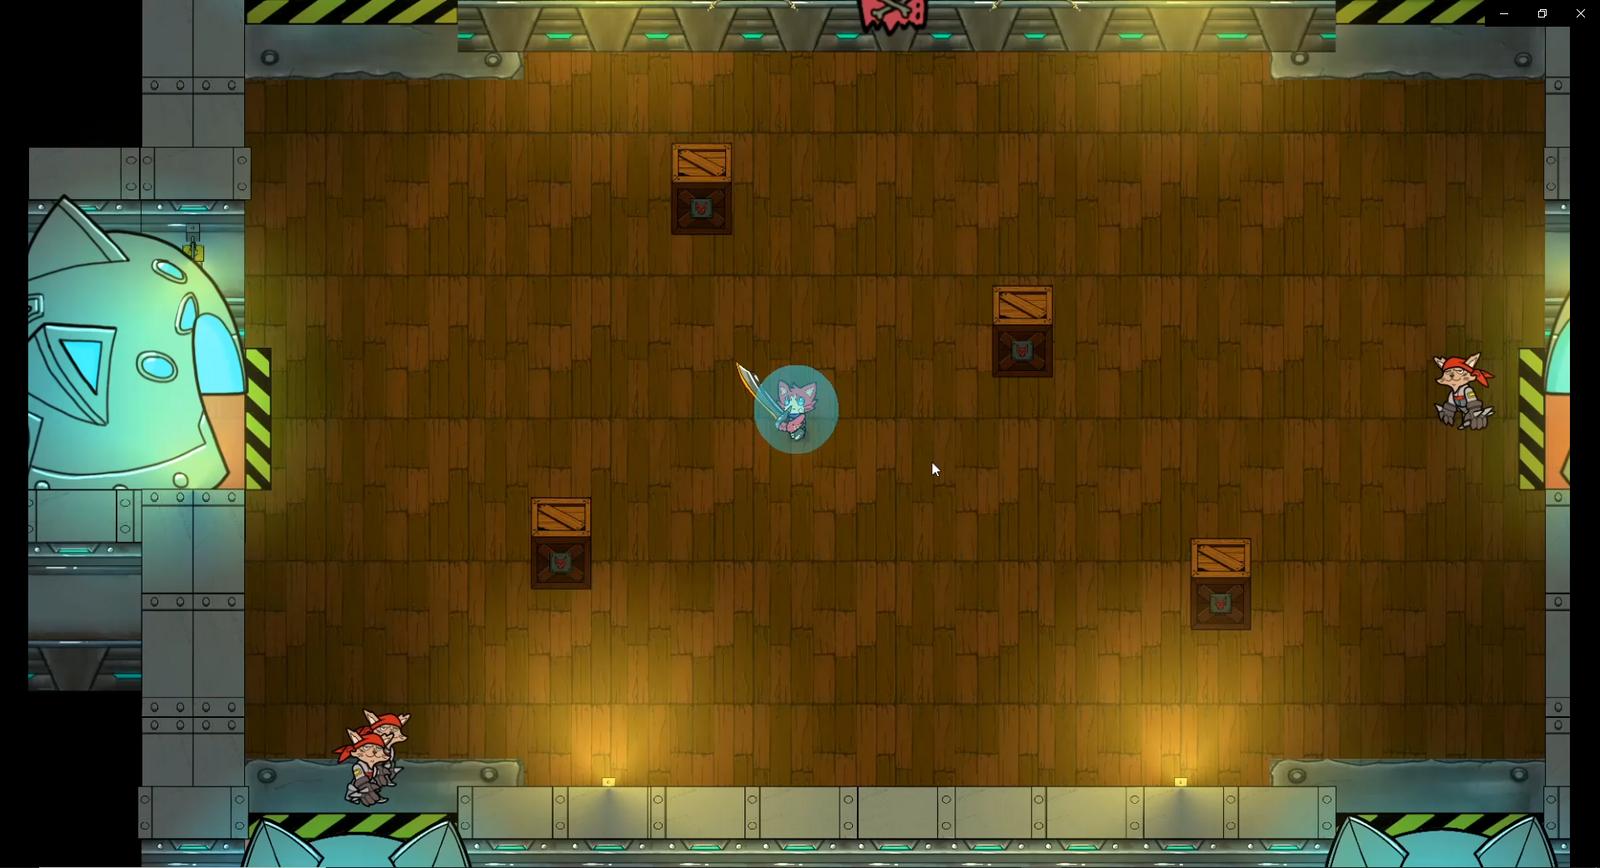 Cat Space Pirate - Screenshot 03